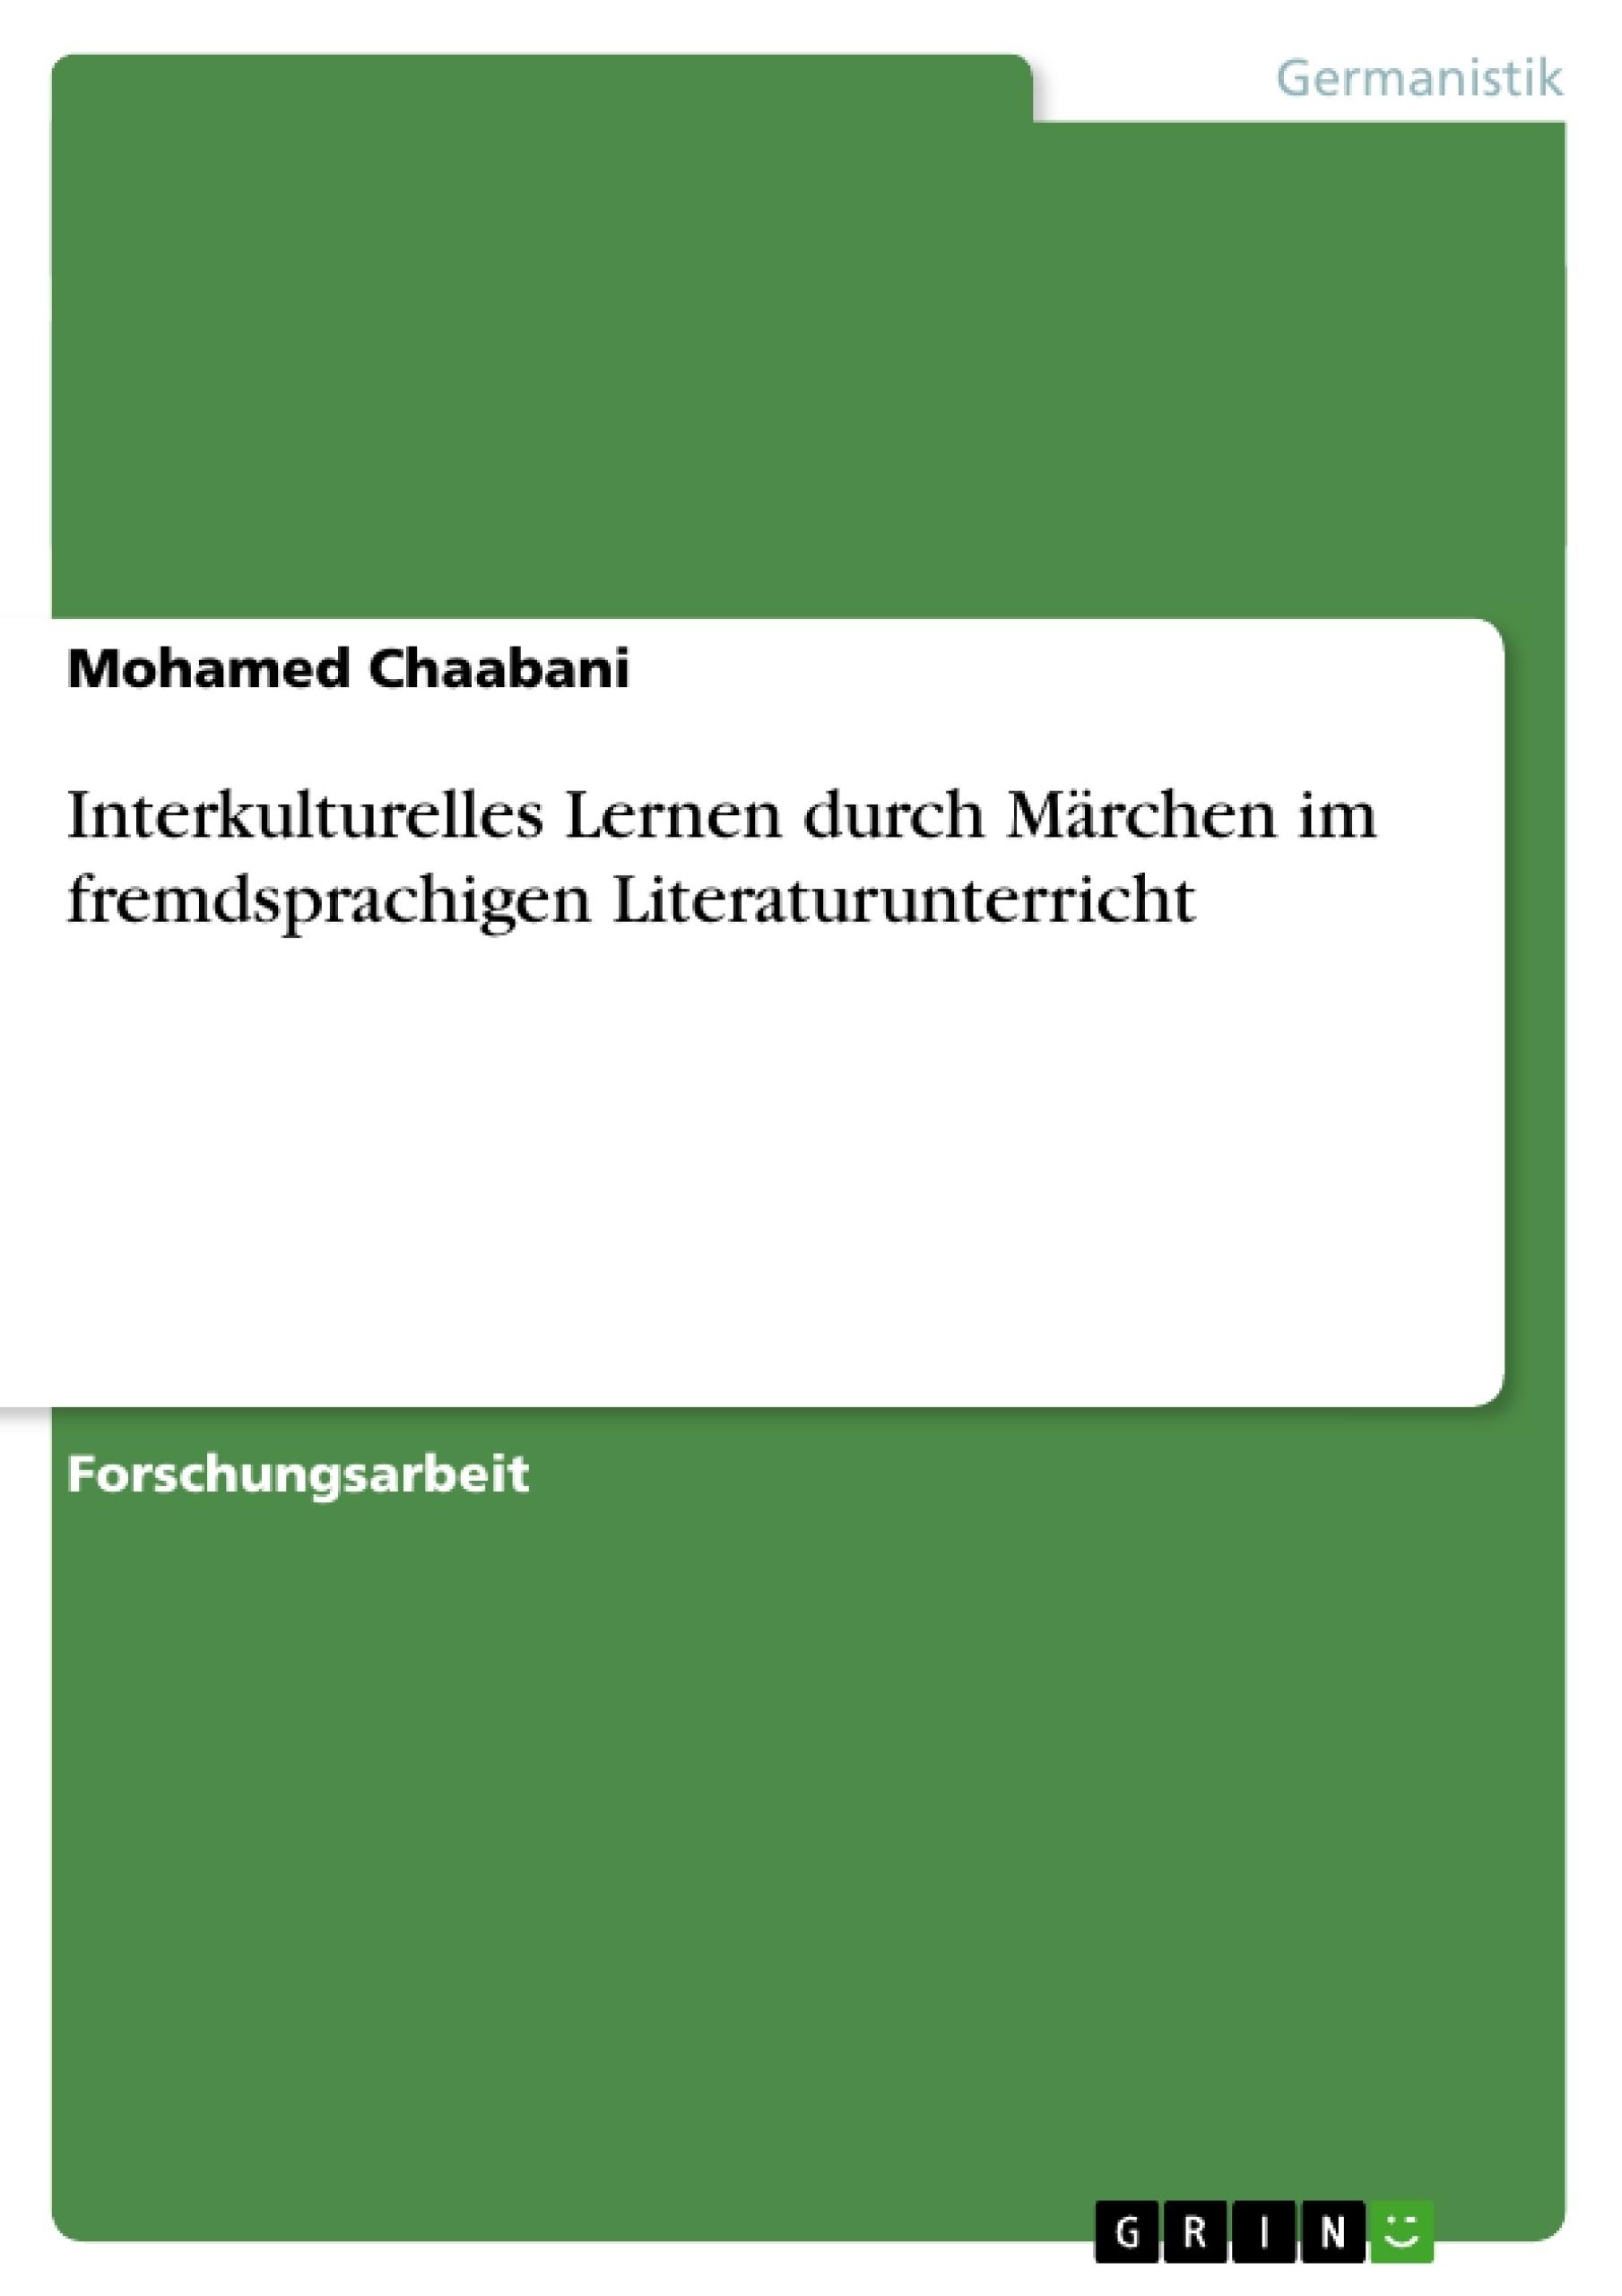 Titel: Interkulturelles Lernen durch Märchen im fremdsprachigen  Literaturunterricht